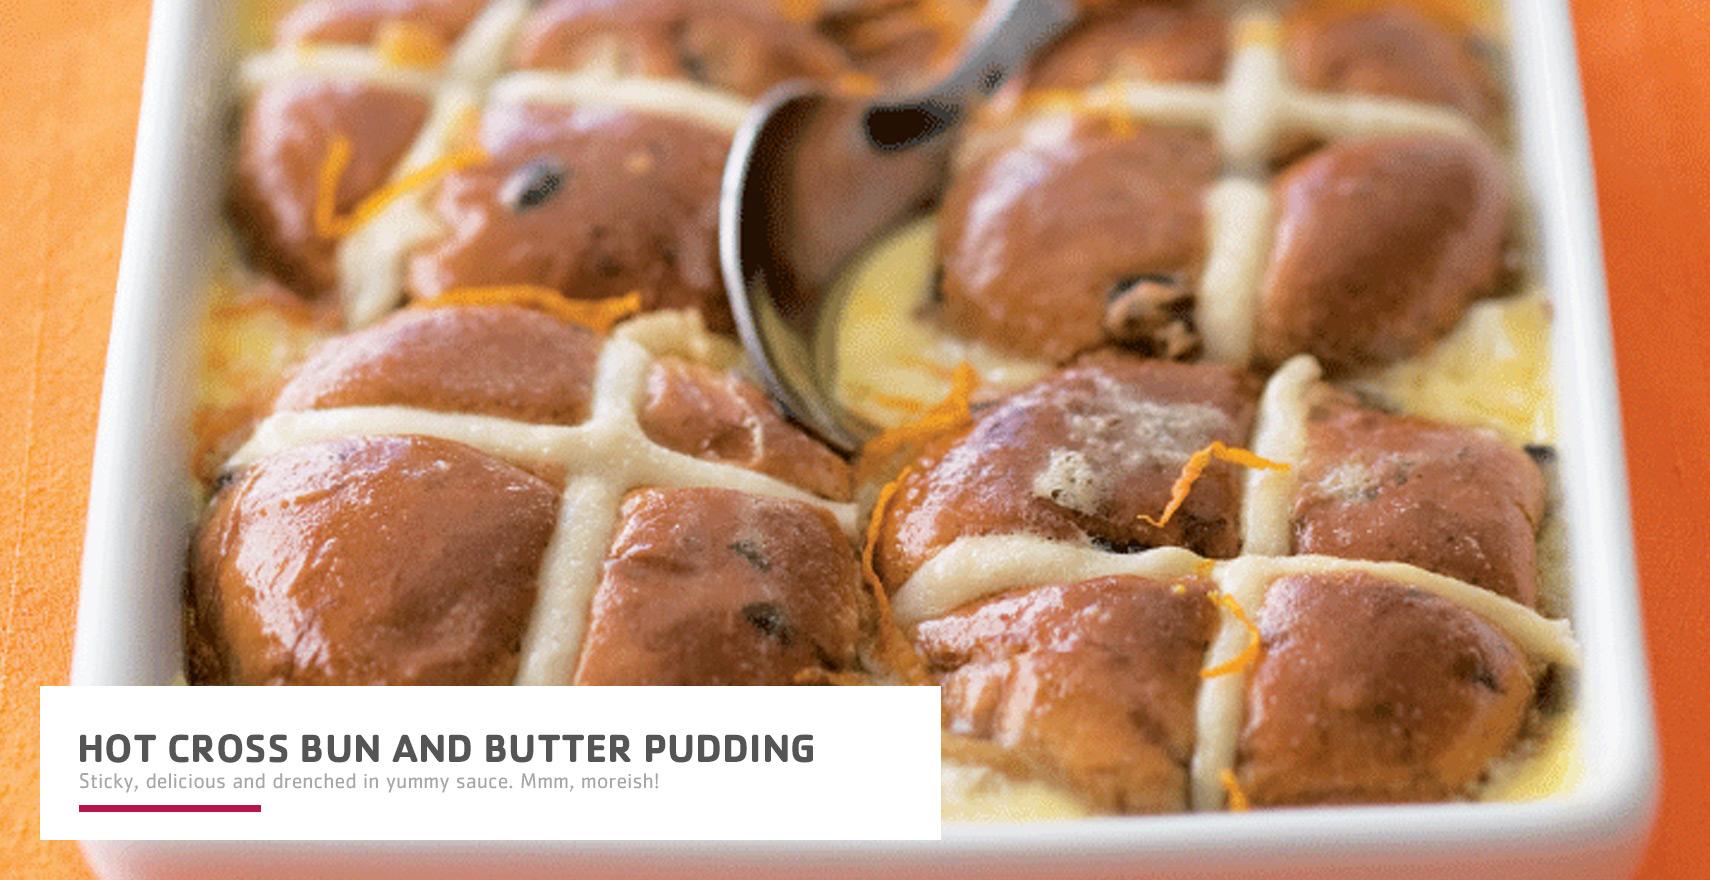 hot-cross-bun-and-butter-pudding.jpg